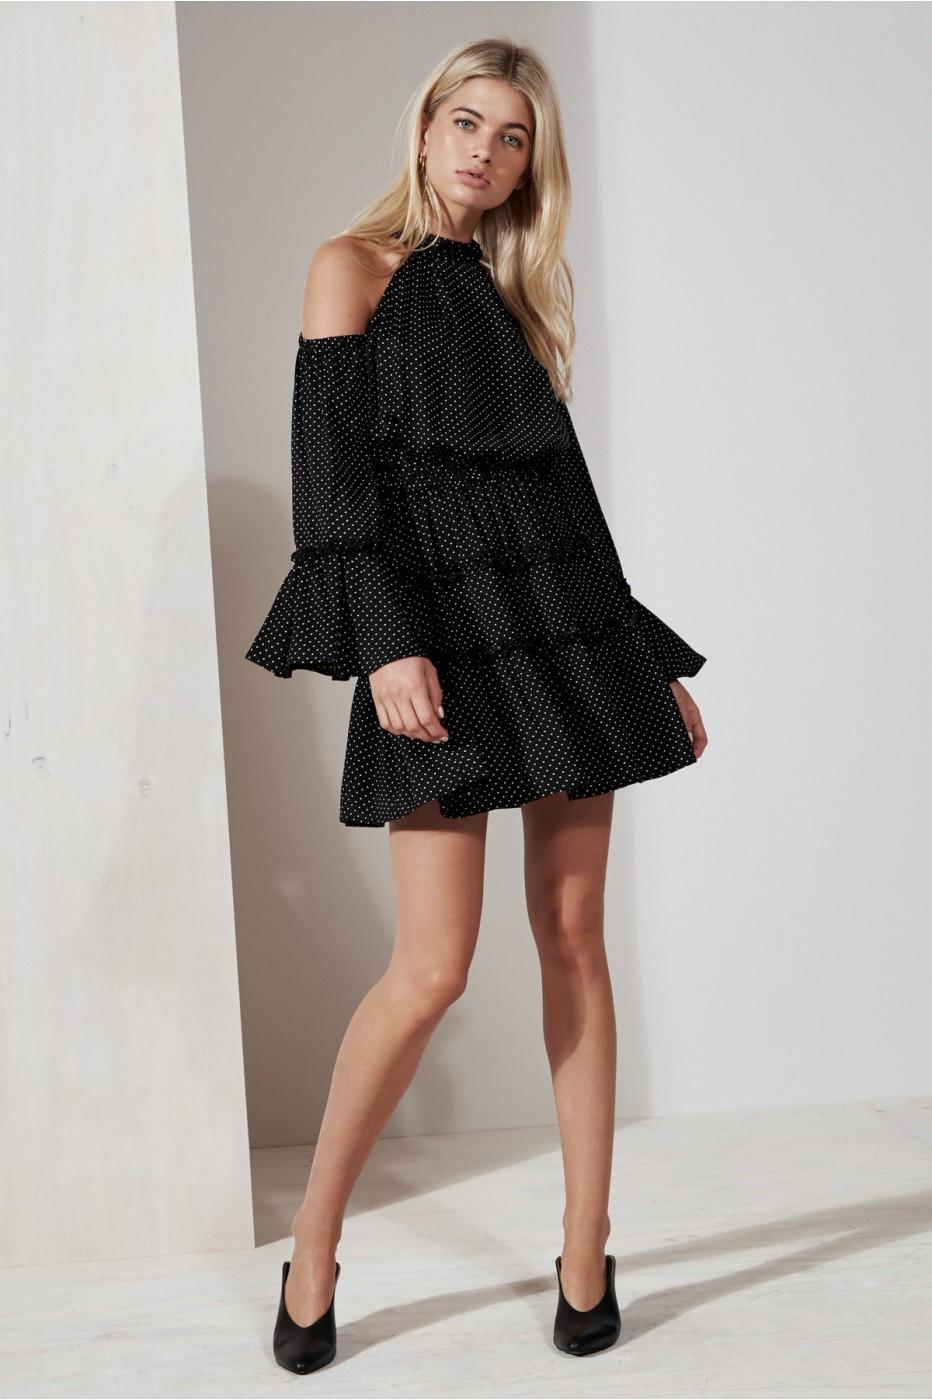 THE FIFTH BANJO POLKA DOT DRESS black w white